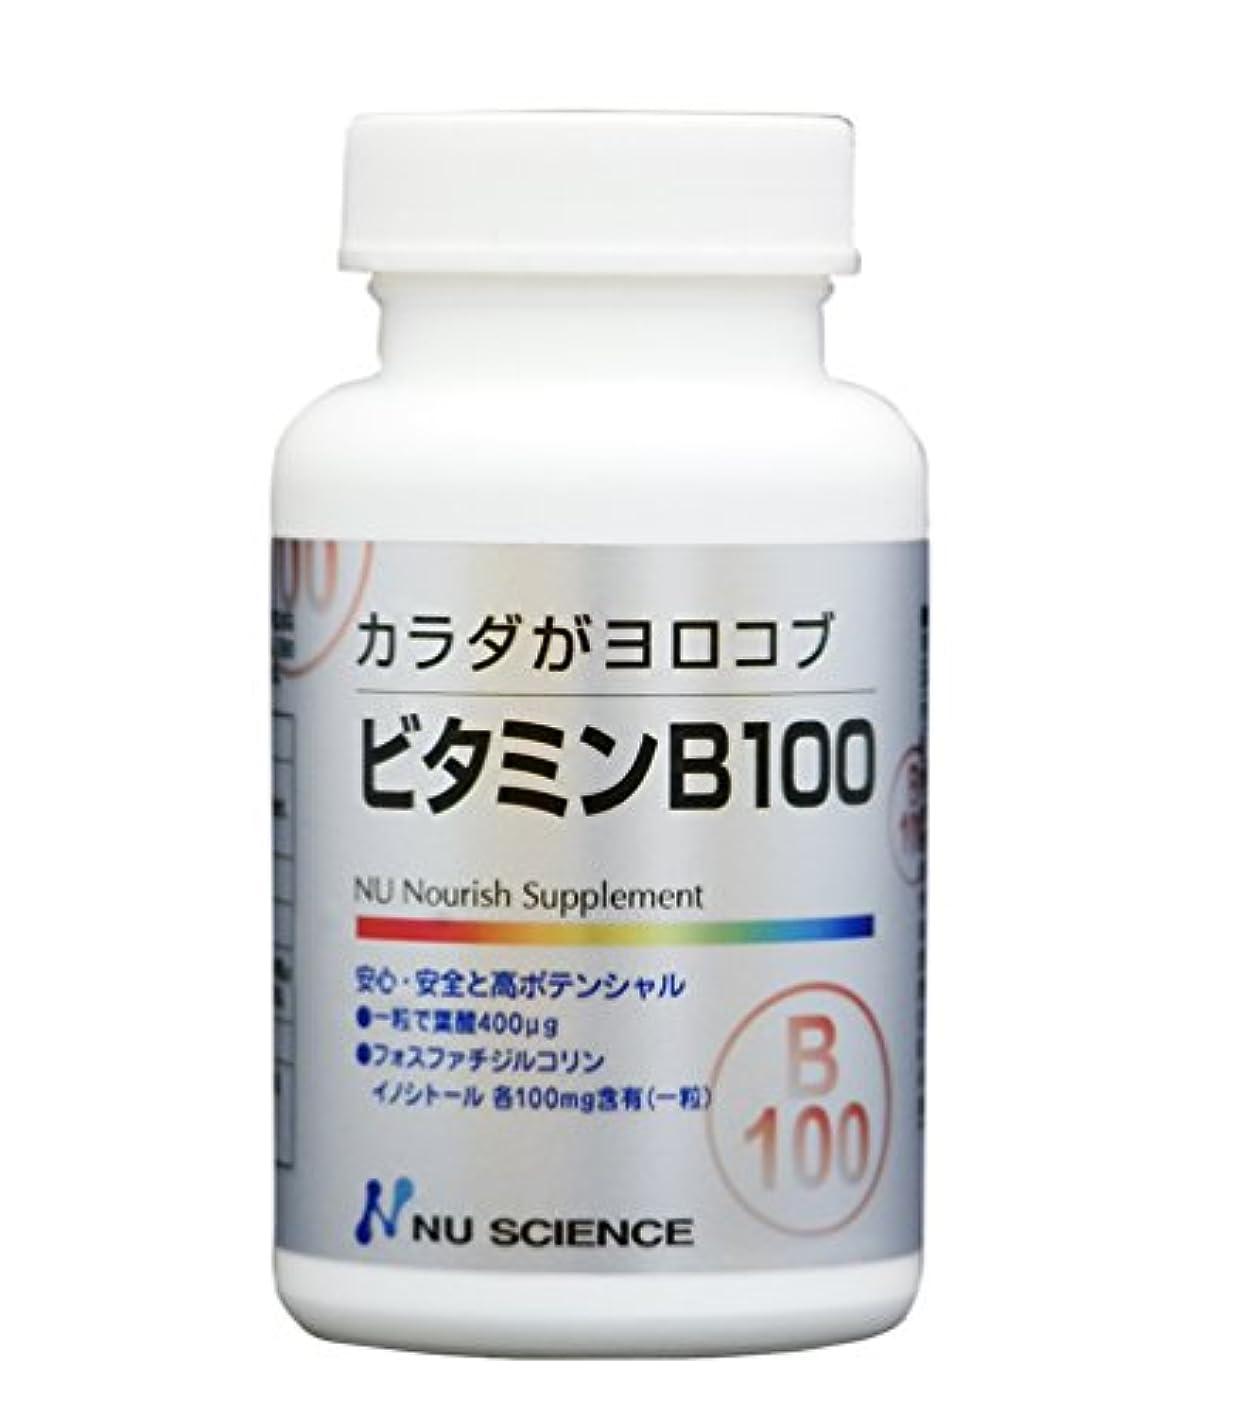 続けるアレイ事実ビタミンB100 60粒